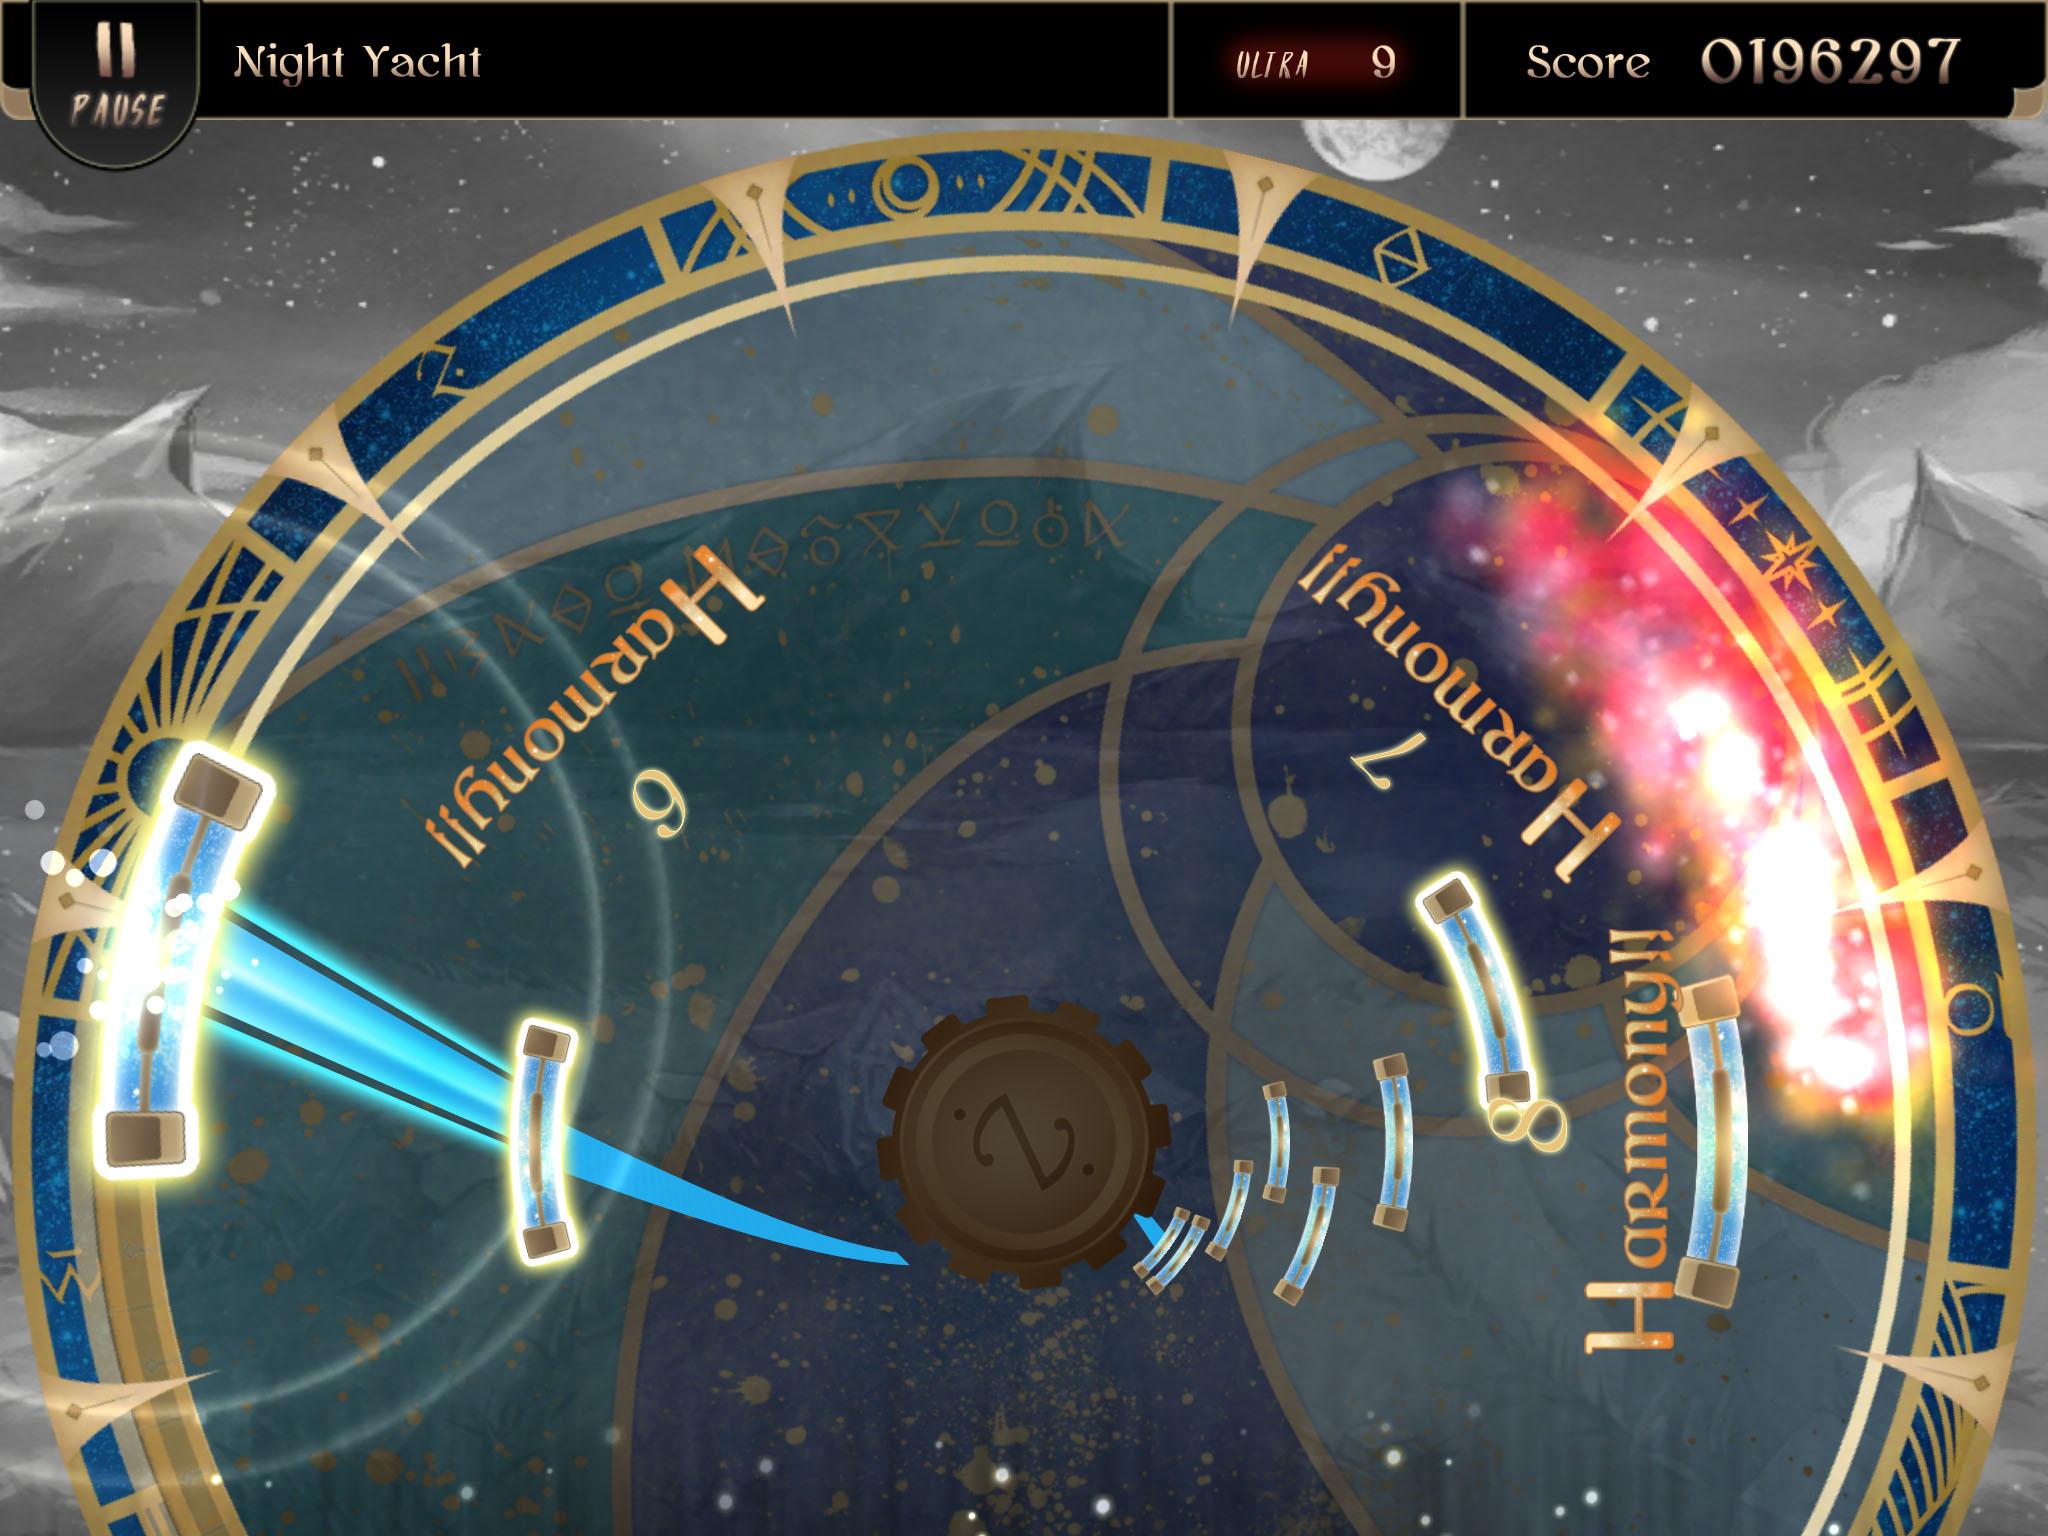 遊戲實機遊玩畫面-1.jpg